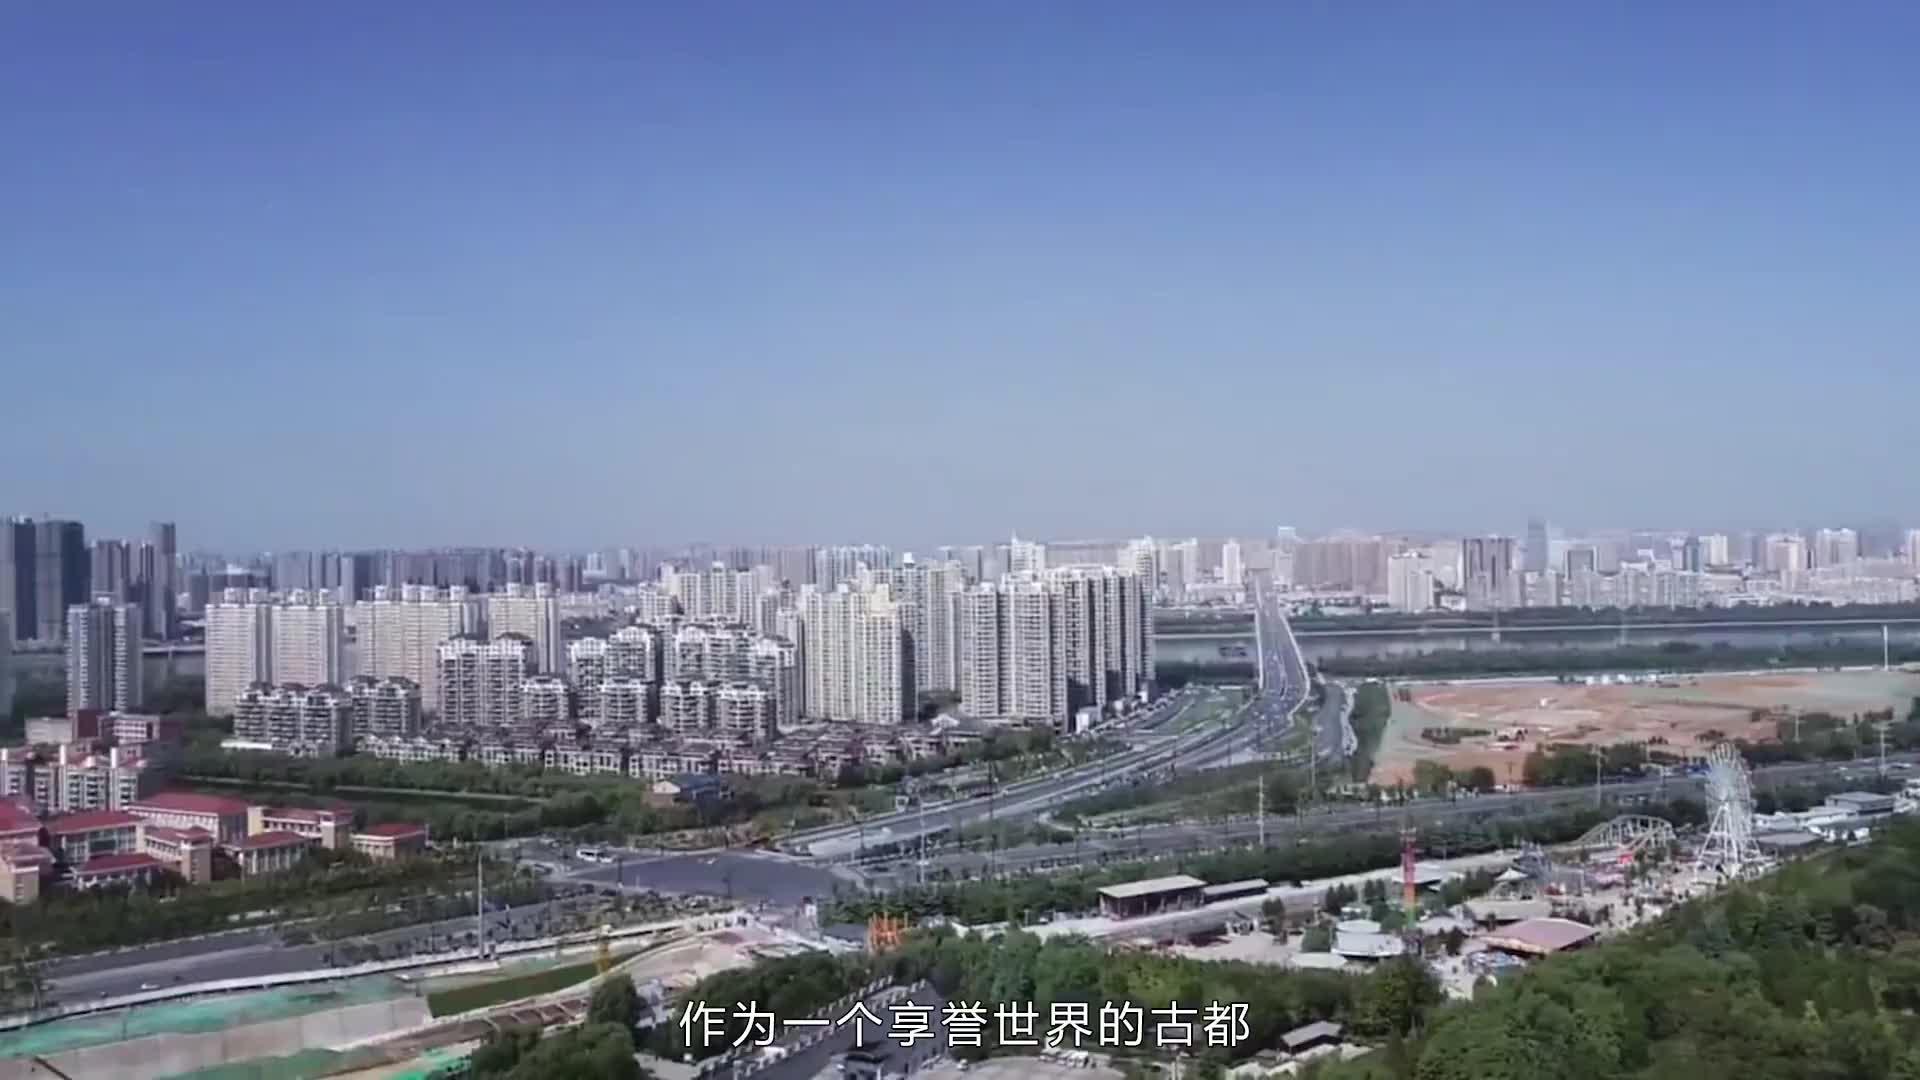 厉害了洛阳将在黄河边上打造一个国际旅游基地,预计投资12亿